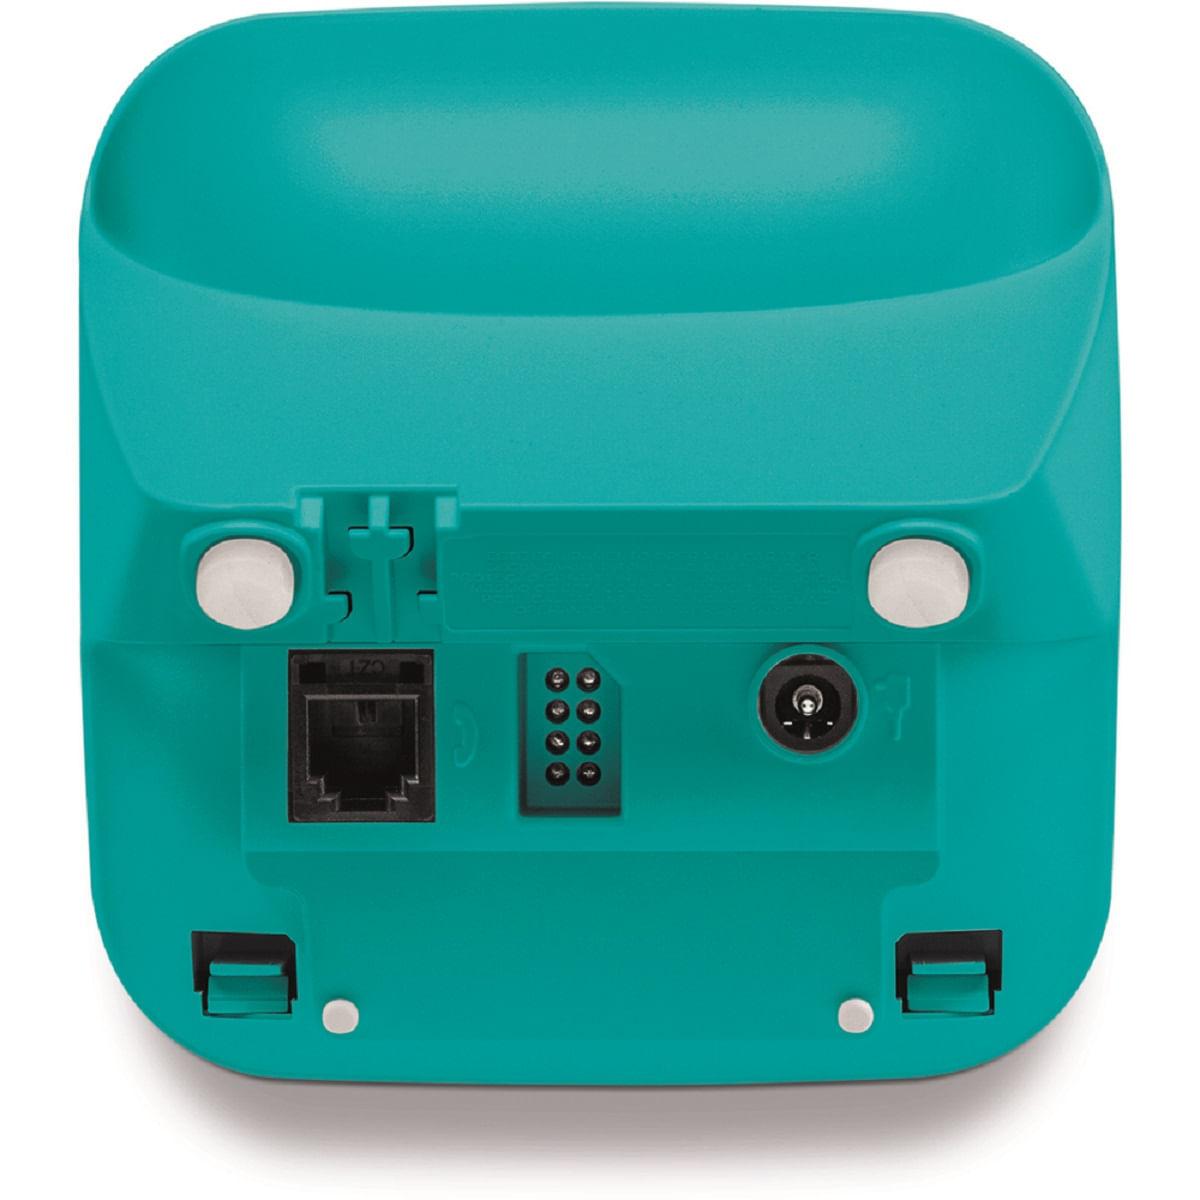 Telefone Sem fio Intelbras  3110 - Branco com Azul Claro